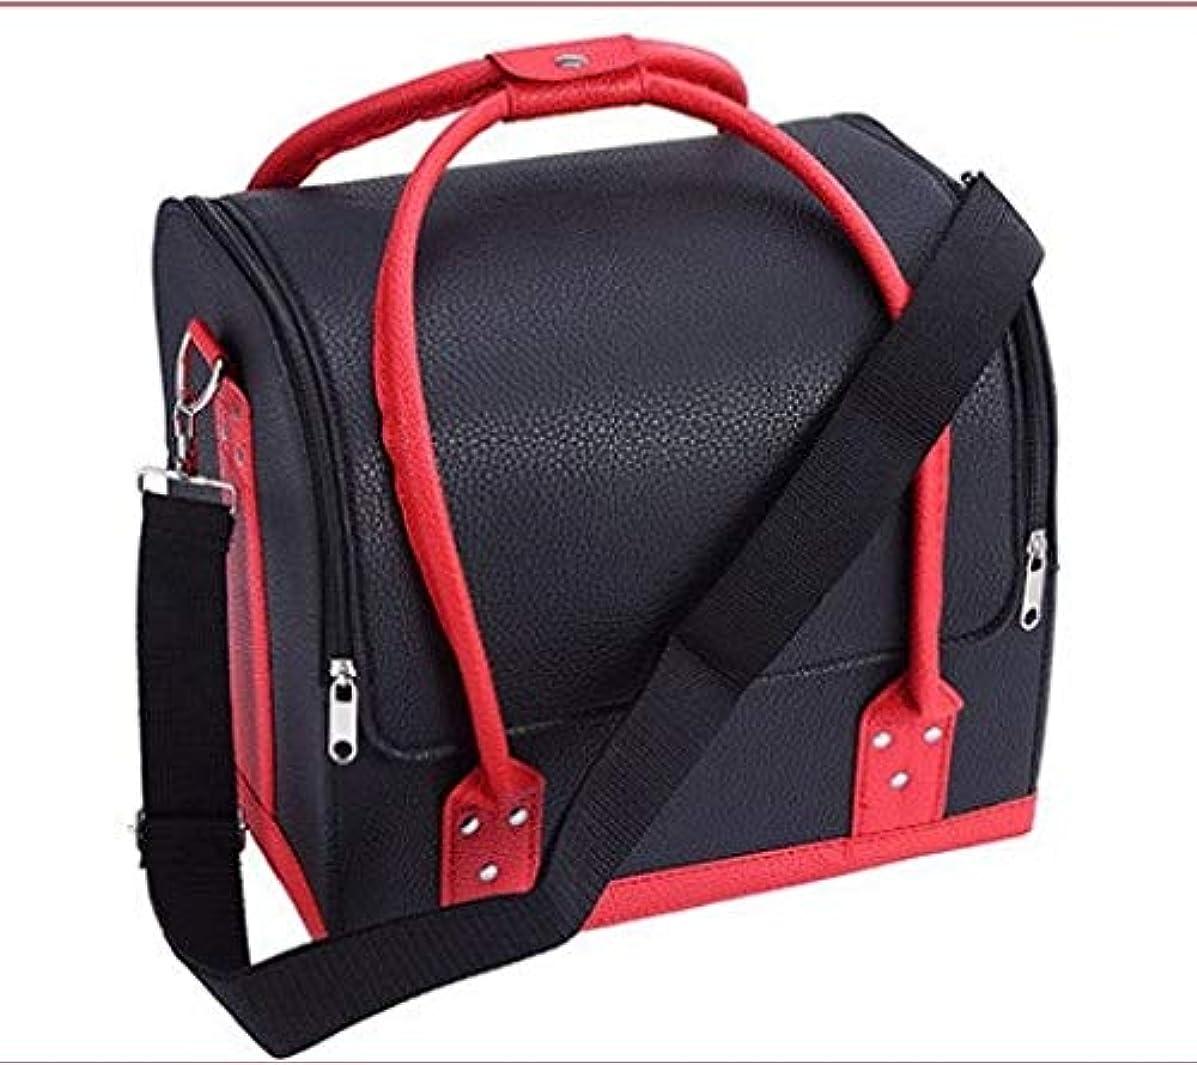 旅客形容詞ロゴ化粧品ケース、ポータブル斜め化粧品バッグ、マルチレイヤダブルオープンポータブル化粧品ケース、ポータブル旅行多機能化粧品ケース、美容ネイルジュエリー収納ボックス